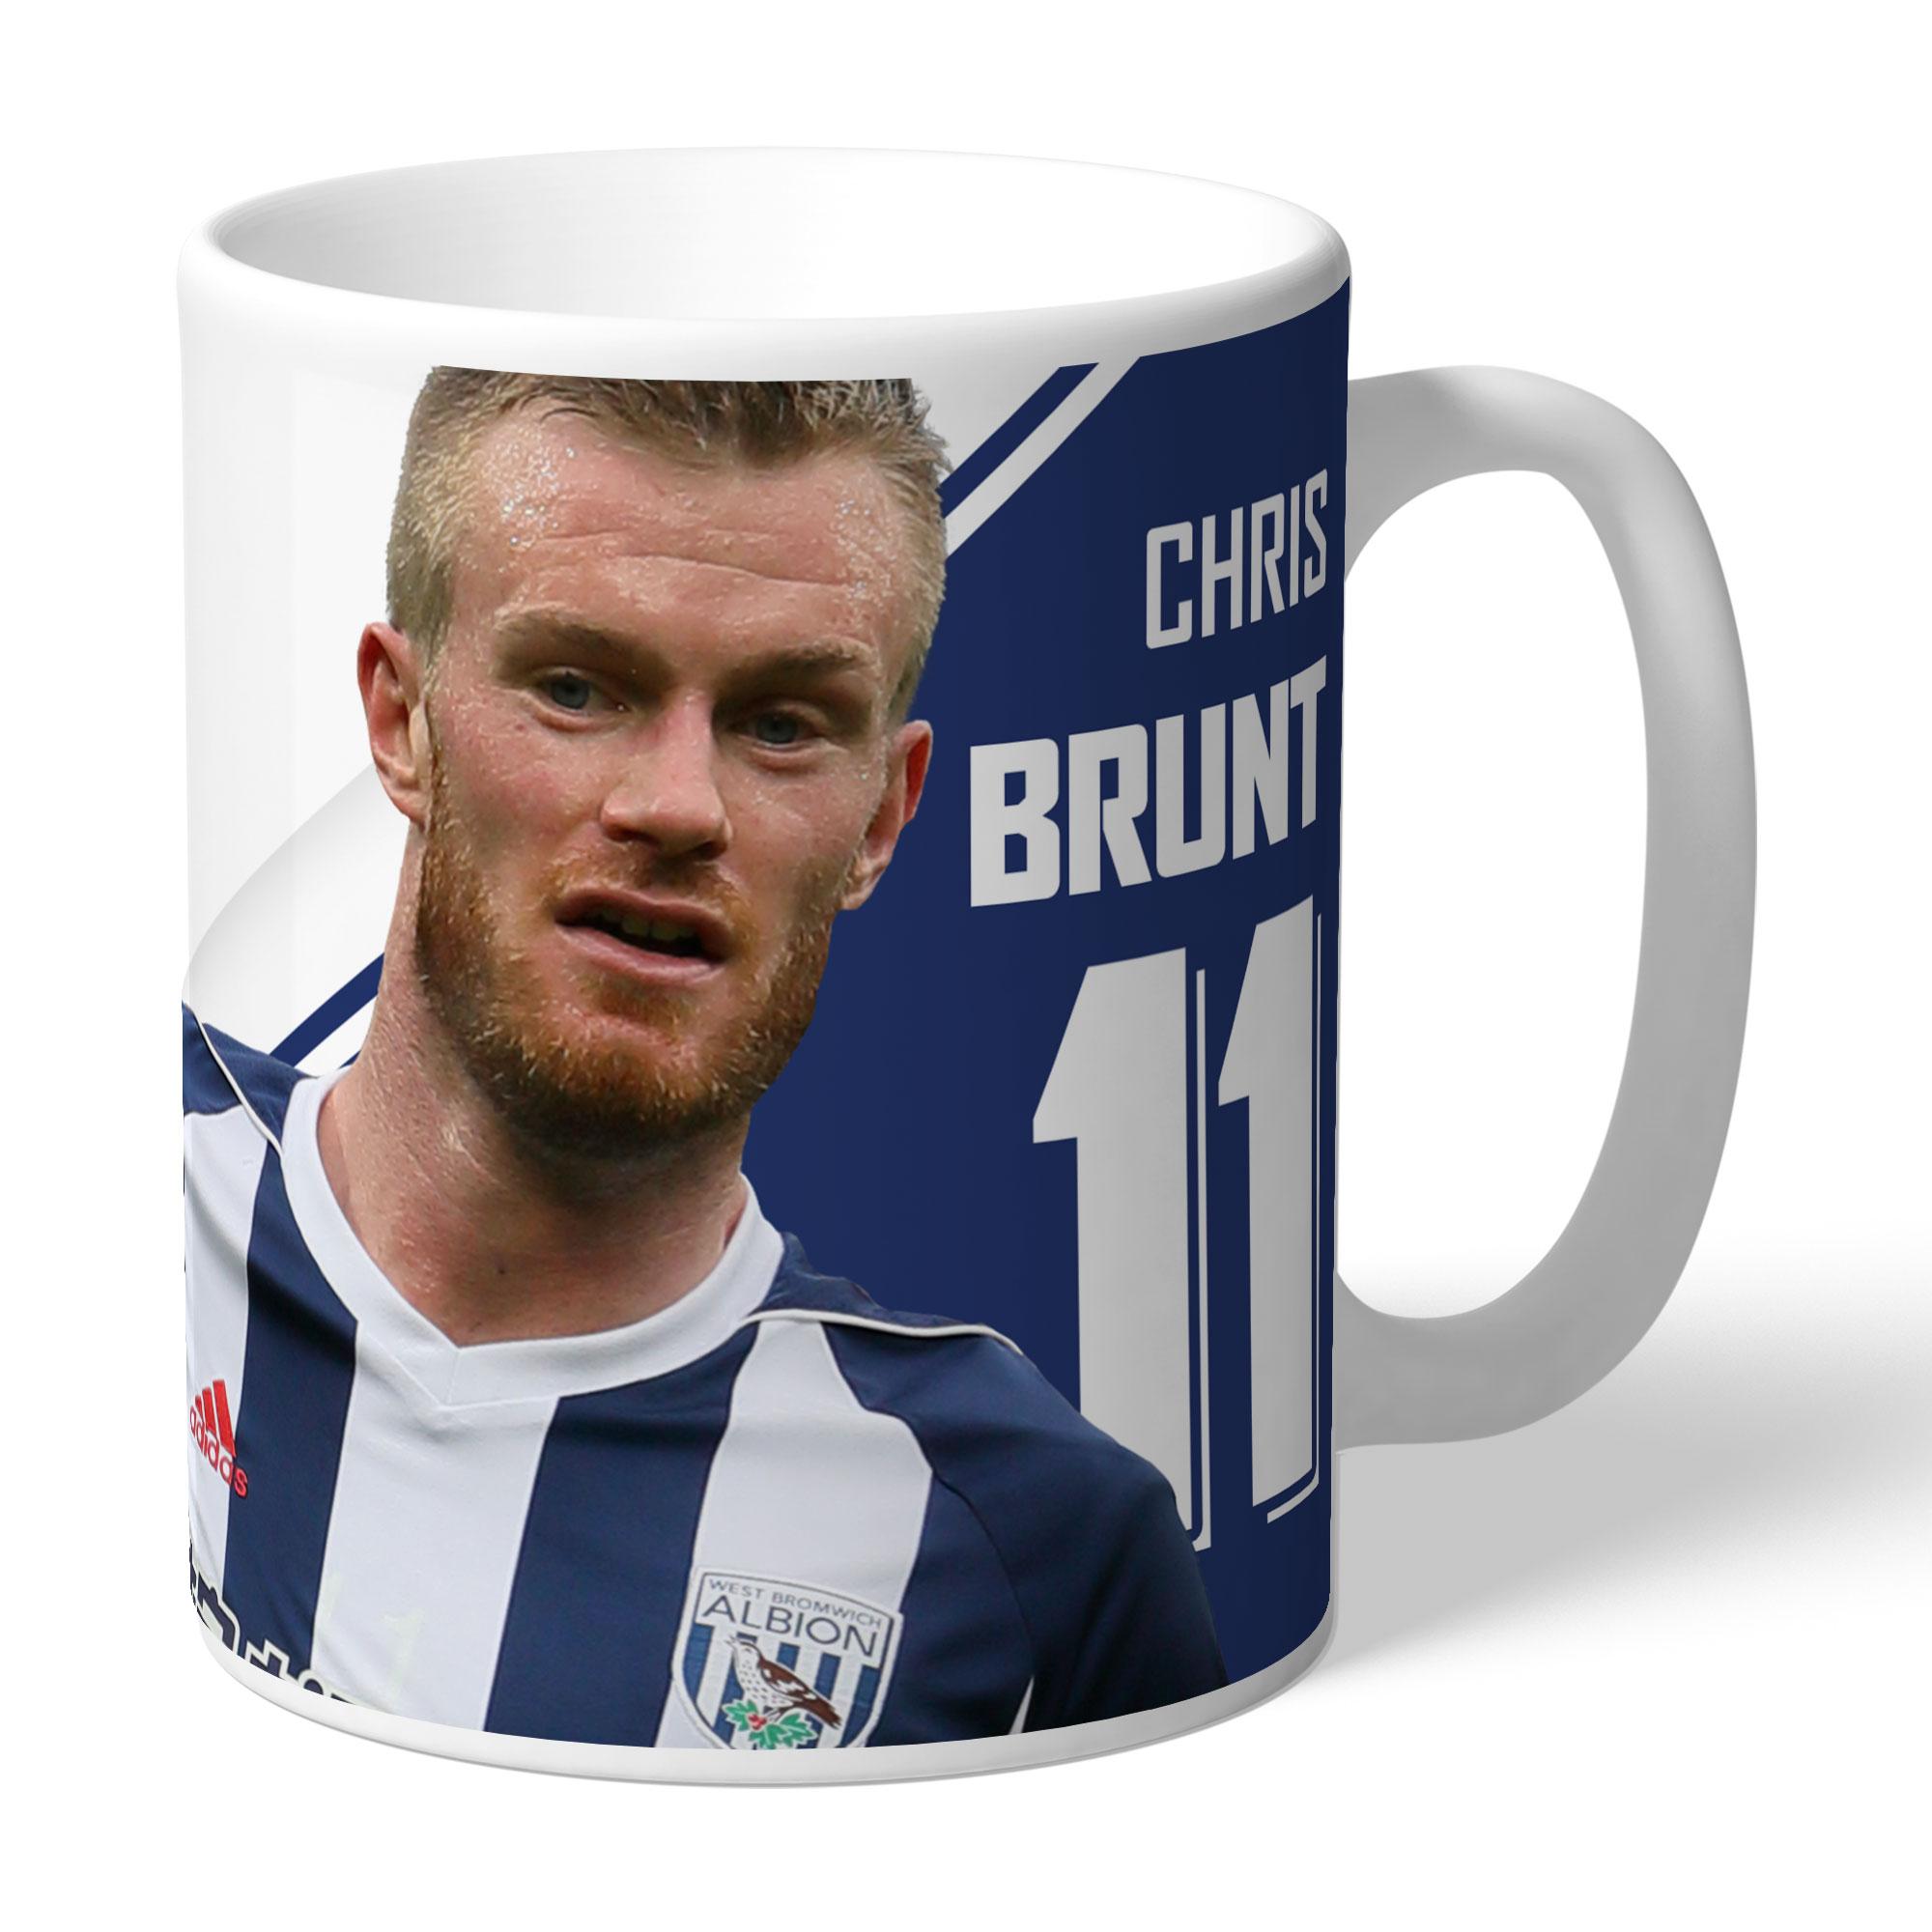 West Bromwich Albion FC Brunt Autograph Mug